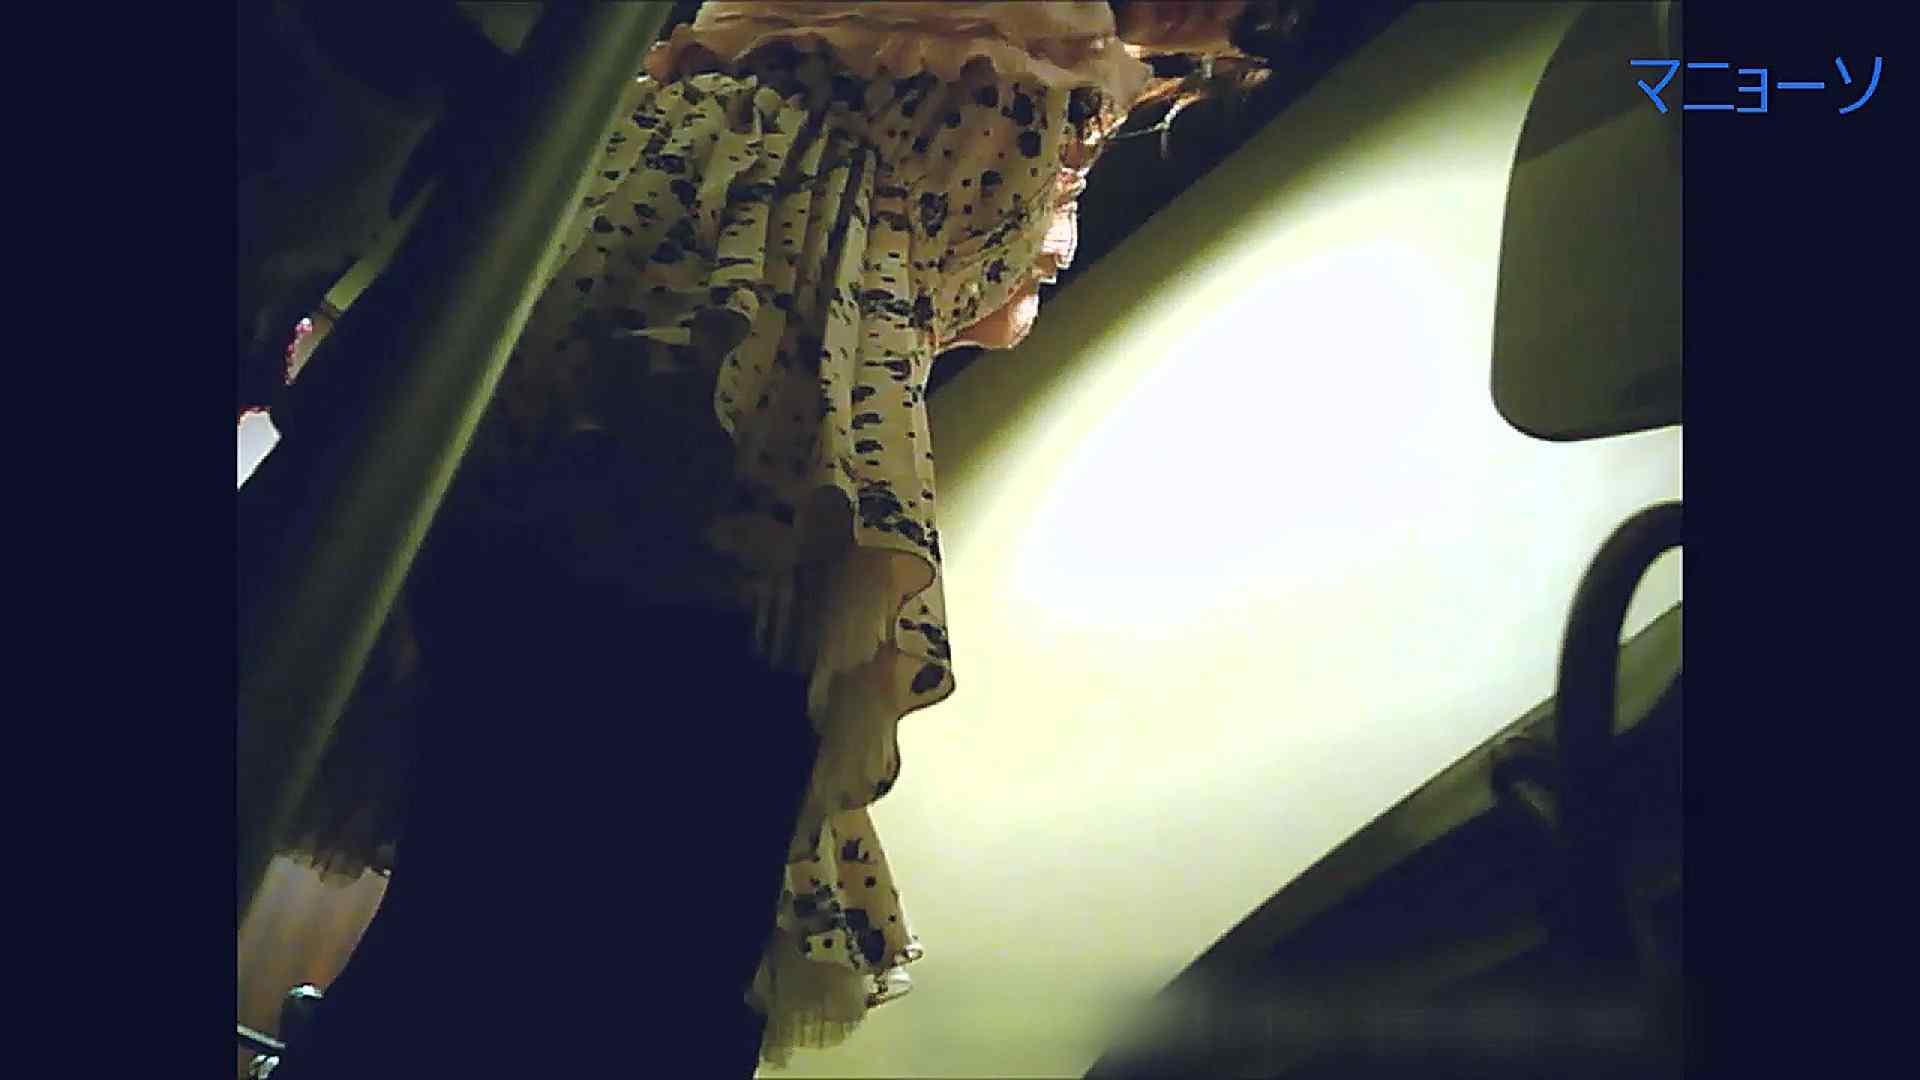 トイレでひと肌脱いでもらいました (JD編)Vol.07 トイレ盗撮 ヌード画像 104枚 71